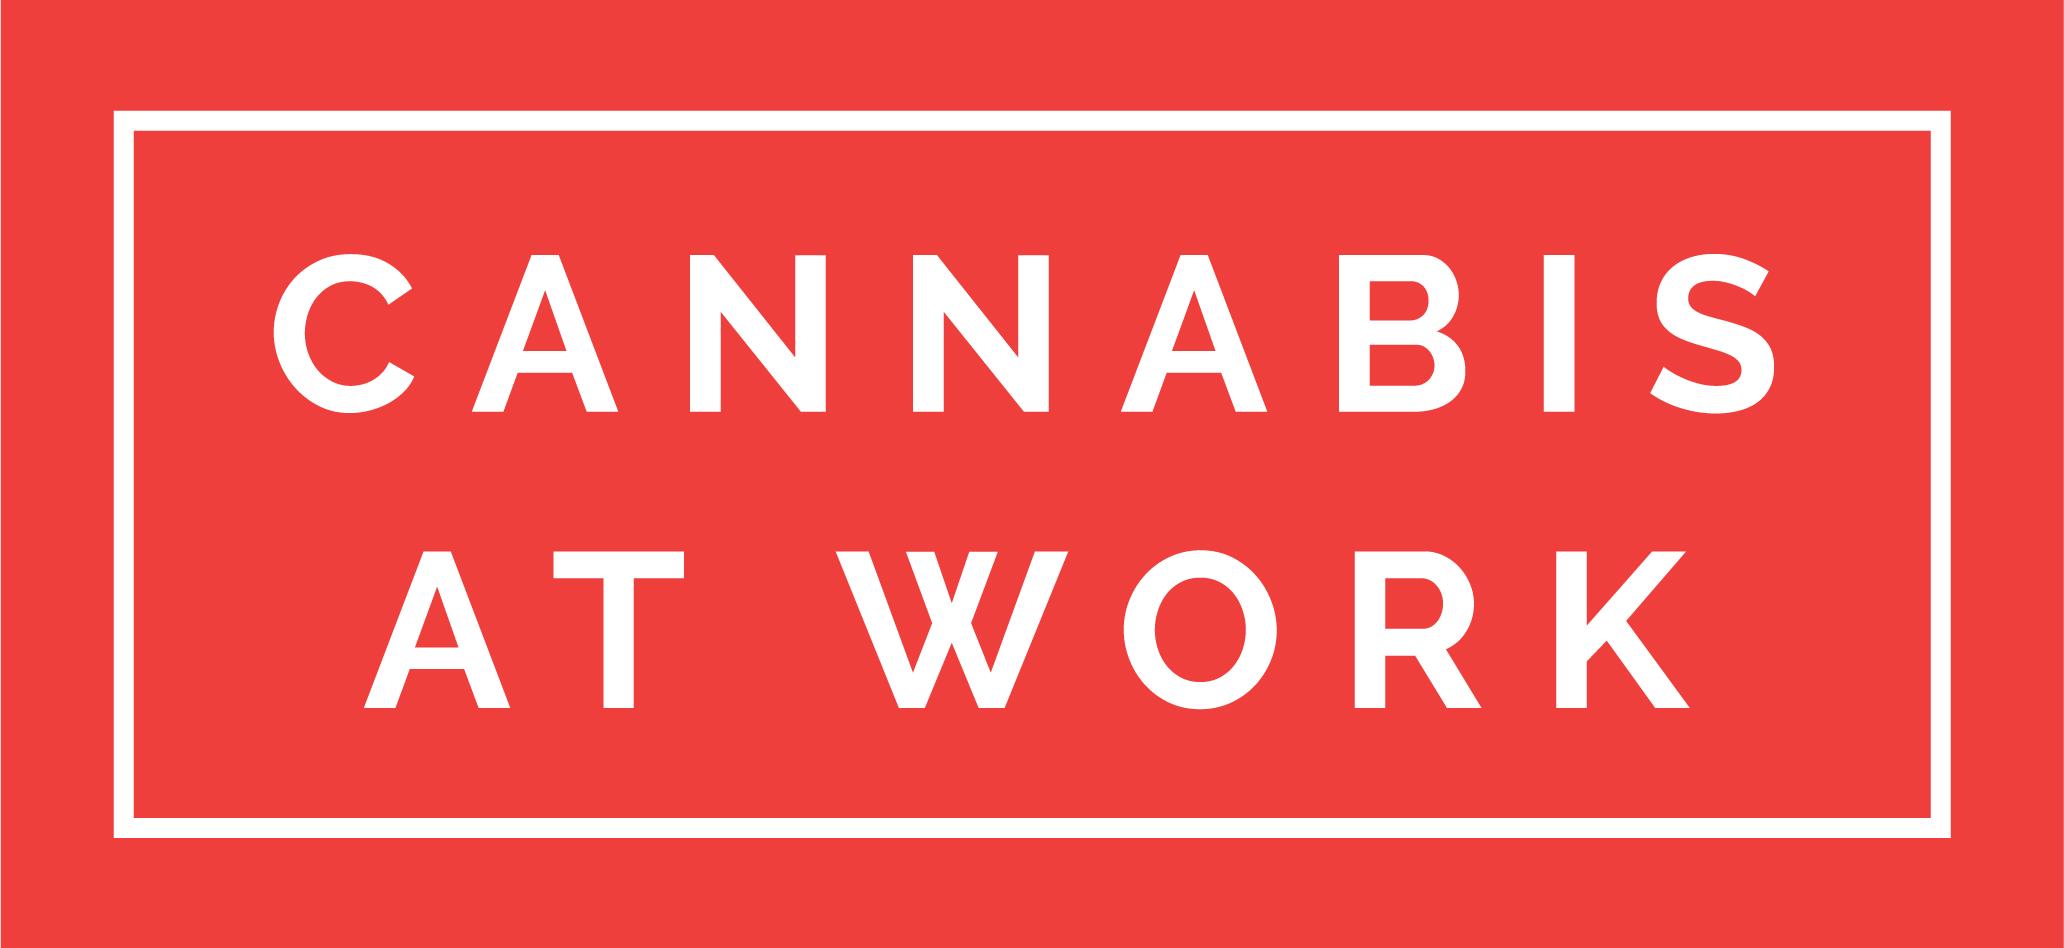 CannabisAtWorkLOGO.jpg